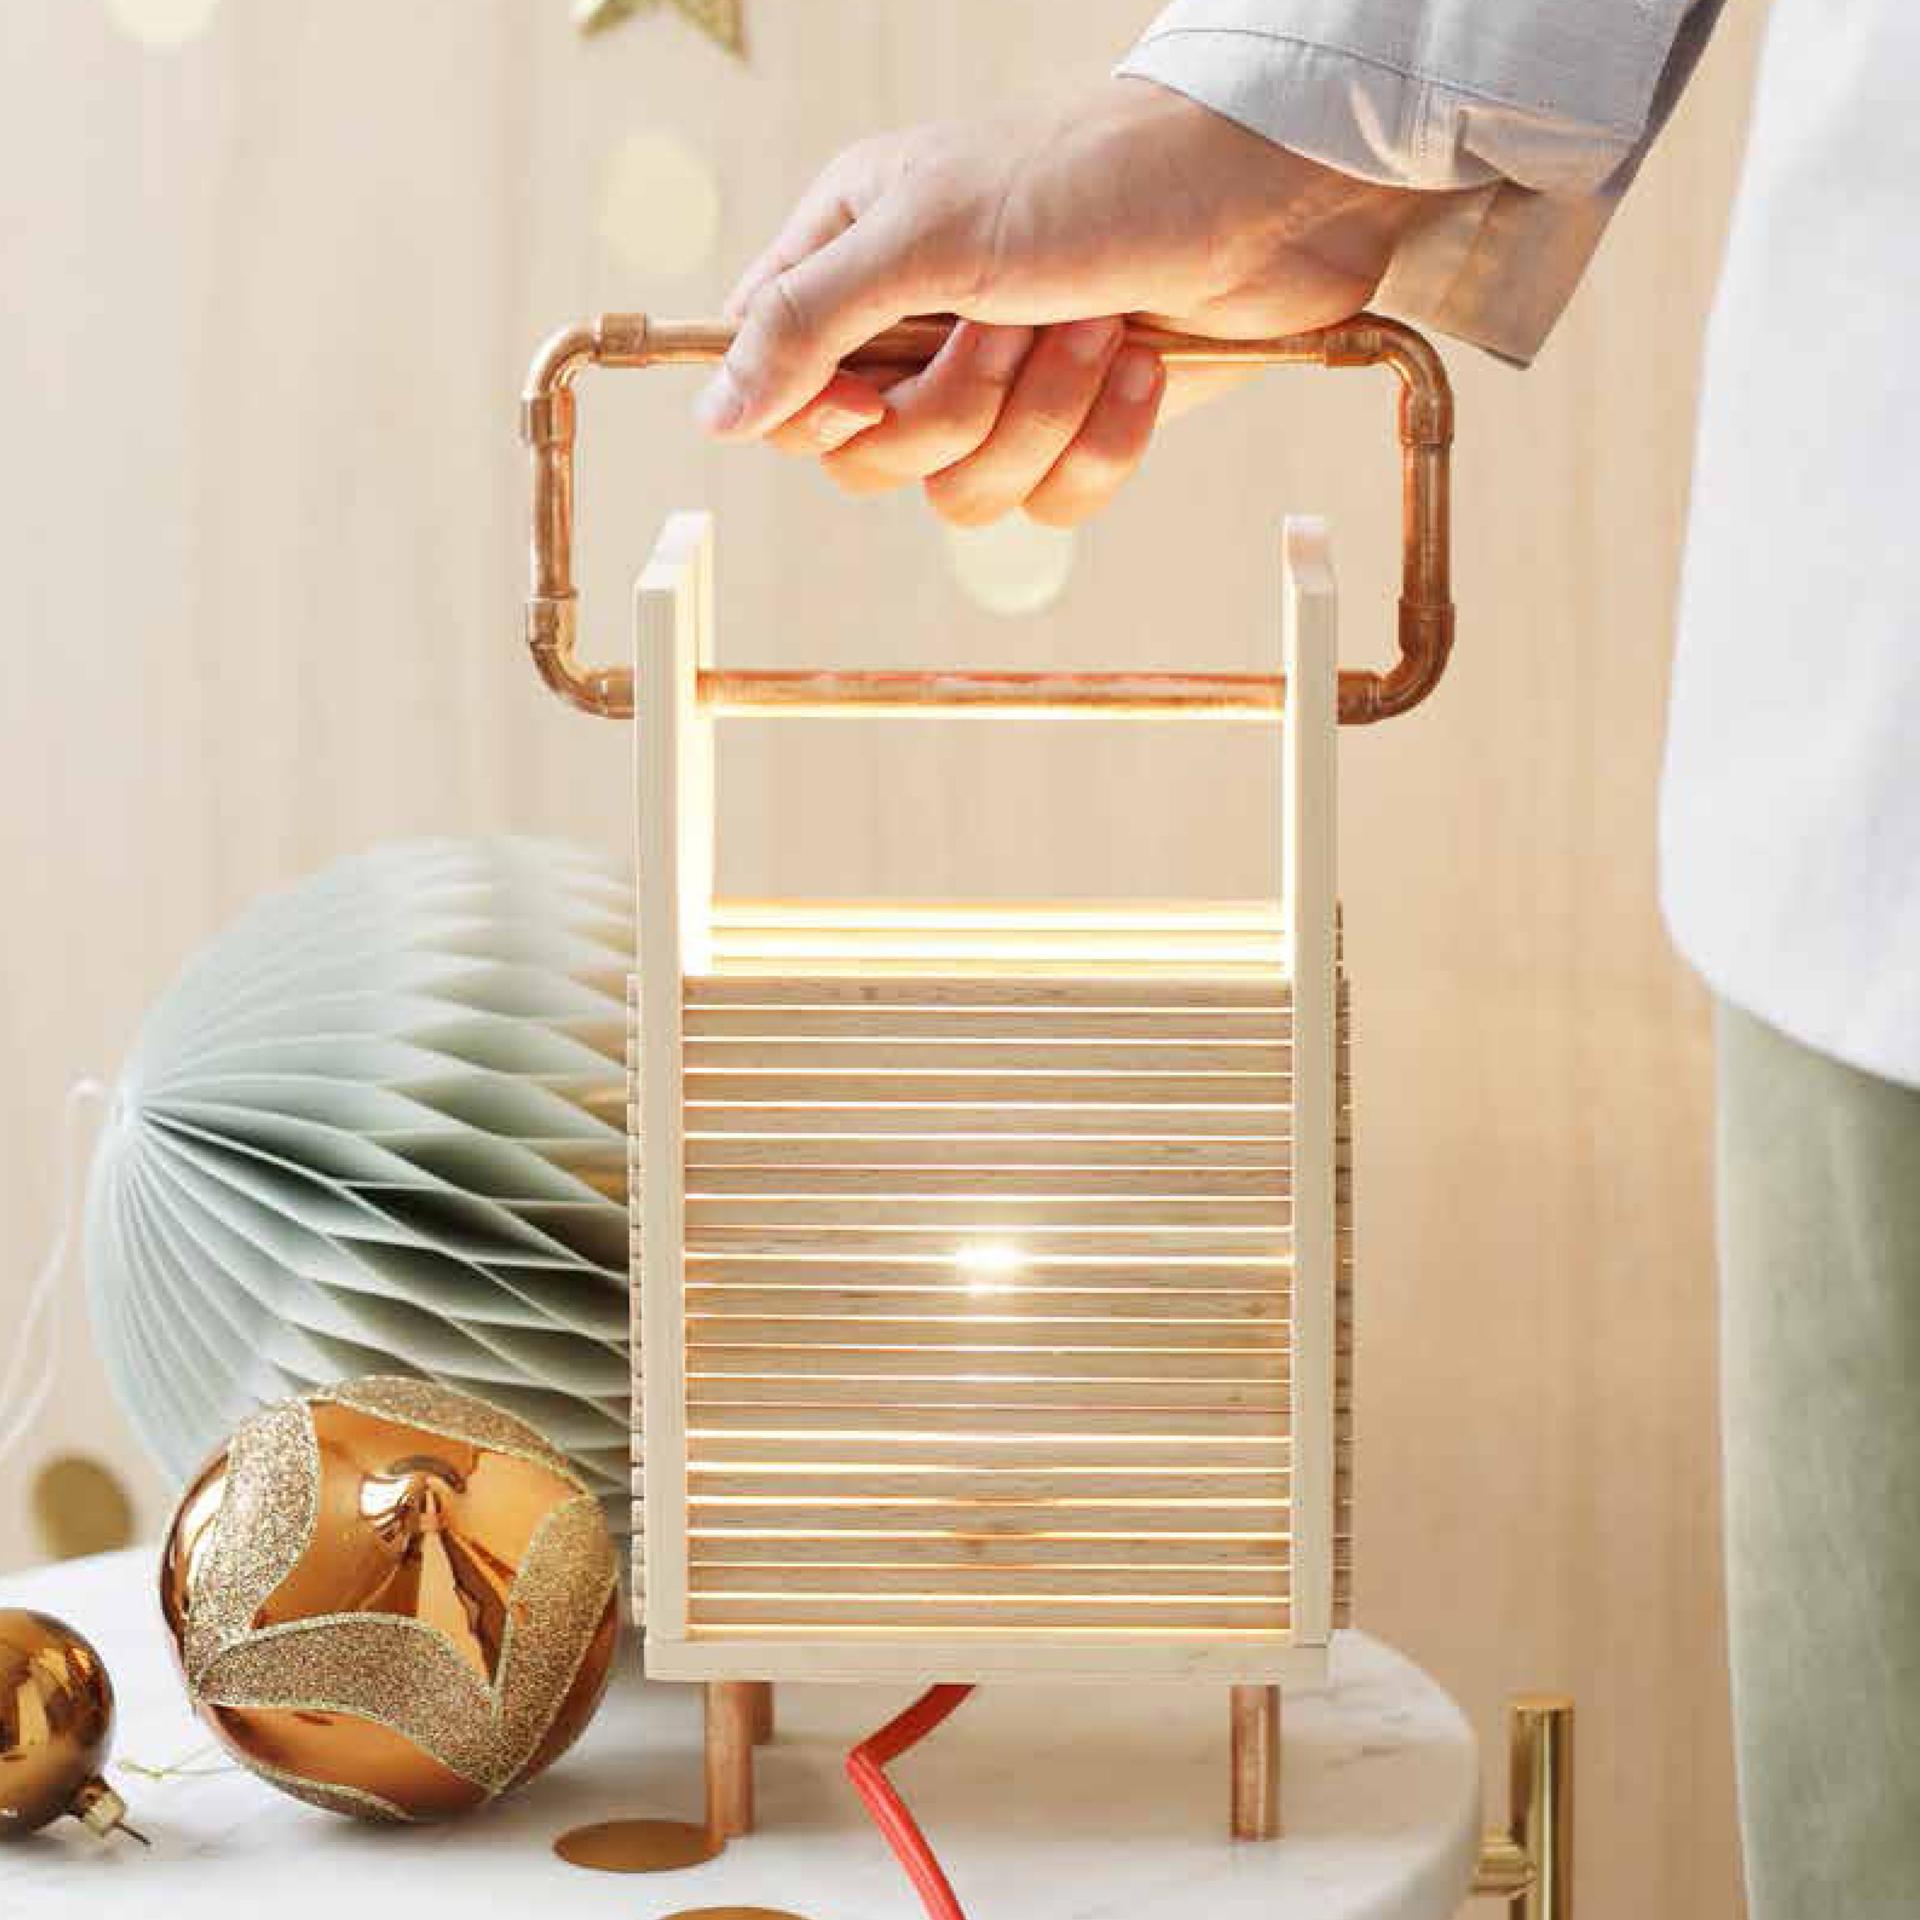 Lampe pierre lota - Salon creations savoir faire 15 novembre ...